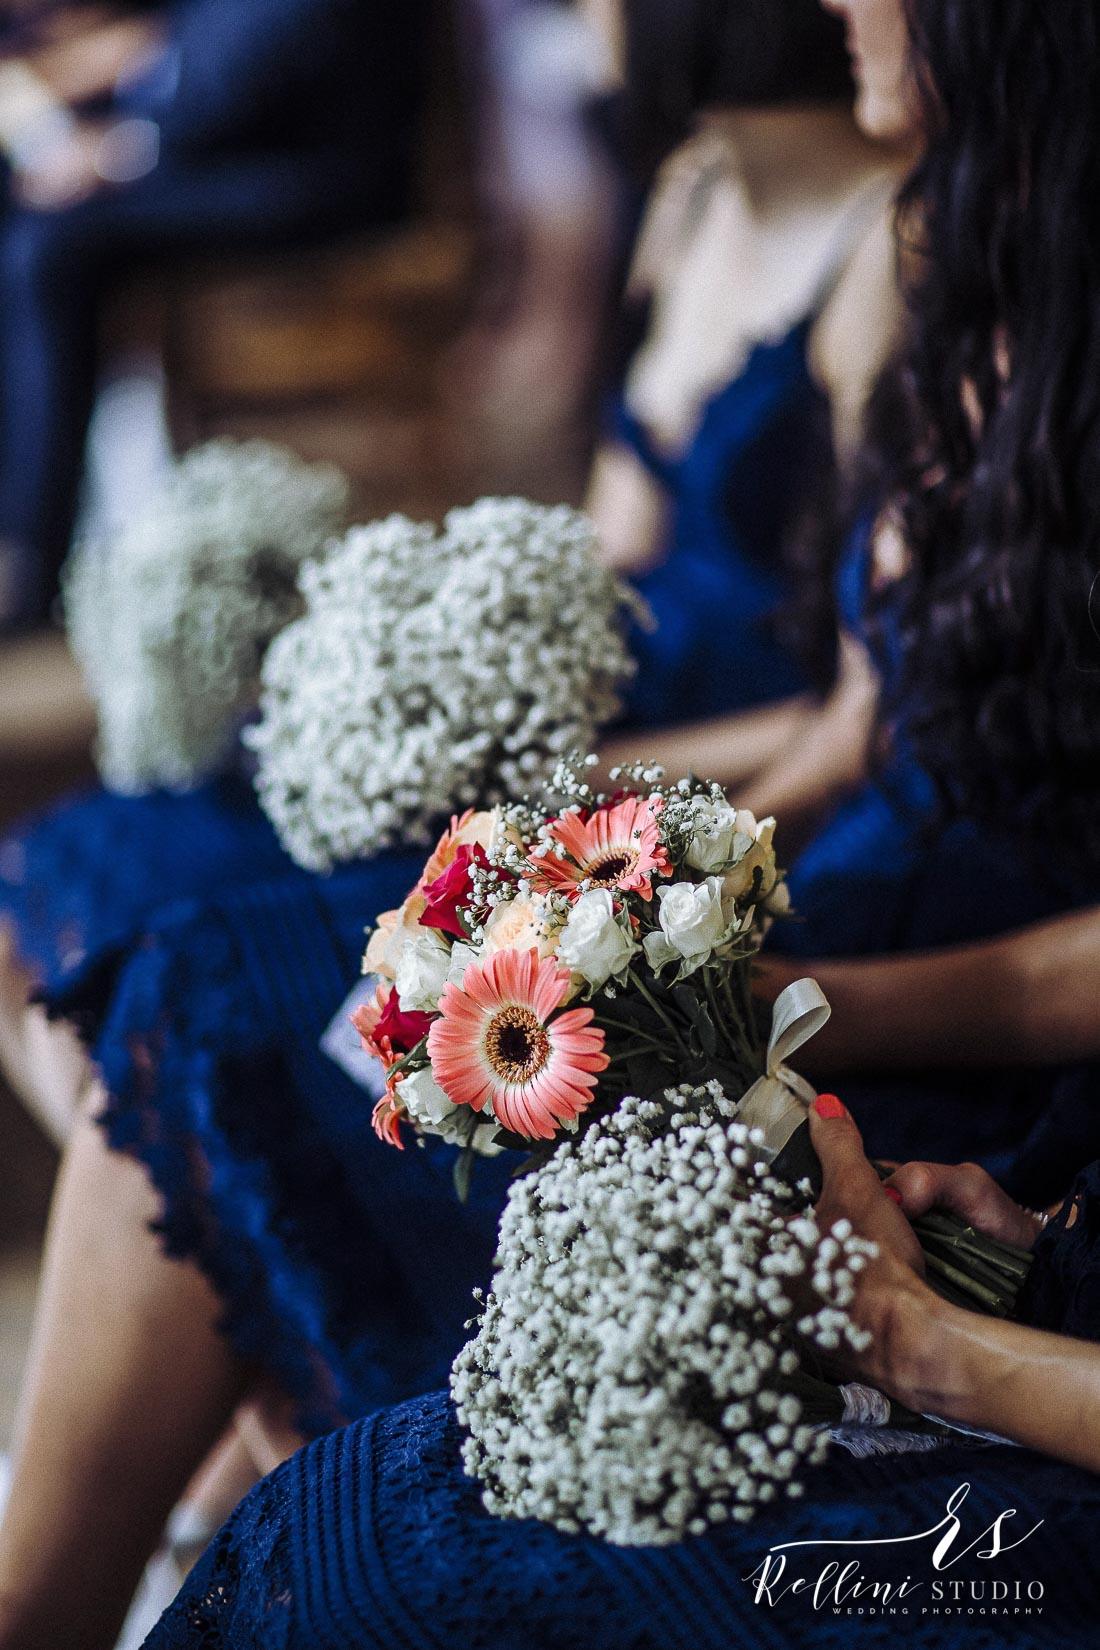 wedding at Palazzone in Orvieto 053.jpg